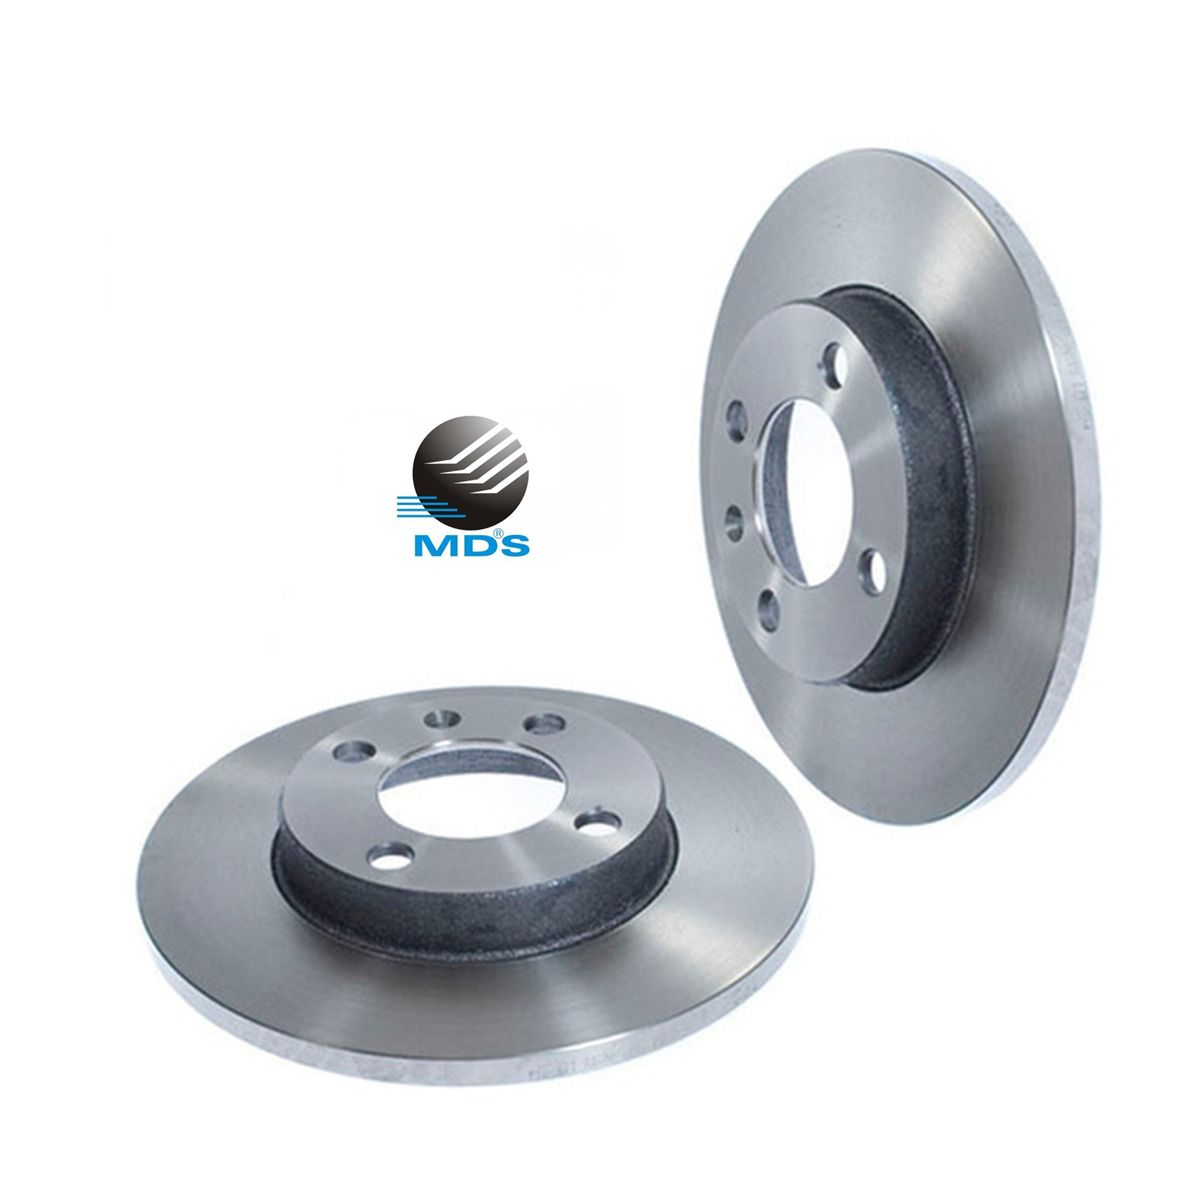 Disco de freio dianteiro ventilado Fusion 06 a 12  mds D34